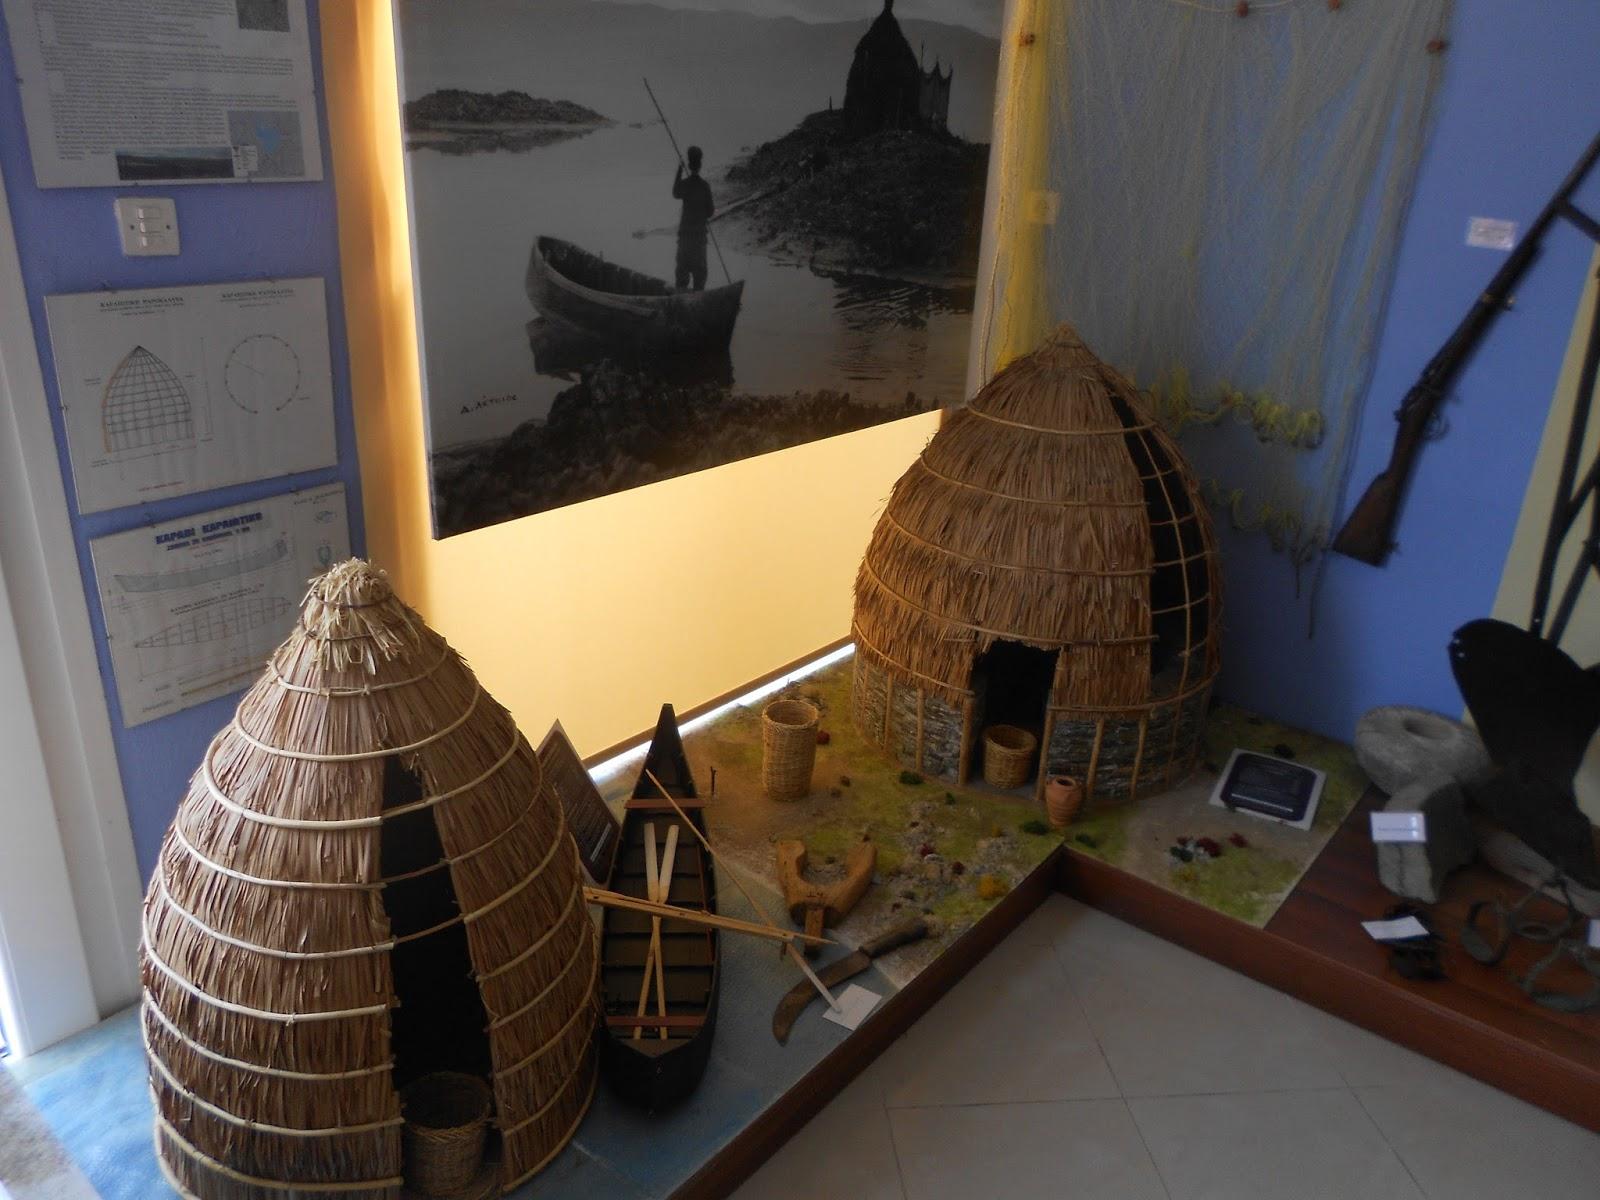 Εγκαινιάστηκε το Λαογραφικό Μουσείο Στεφανοβικείου του Δήμου Ρήγα Φεραίου